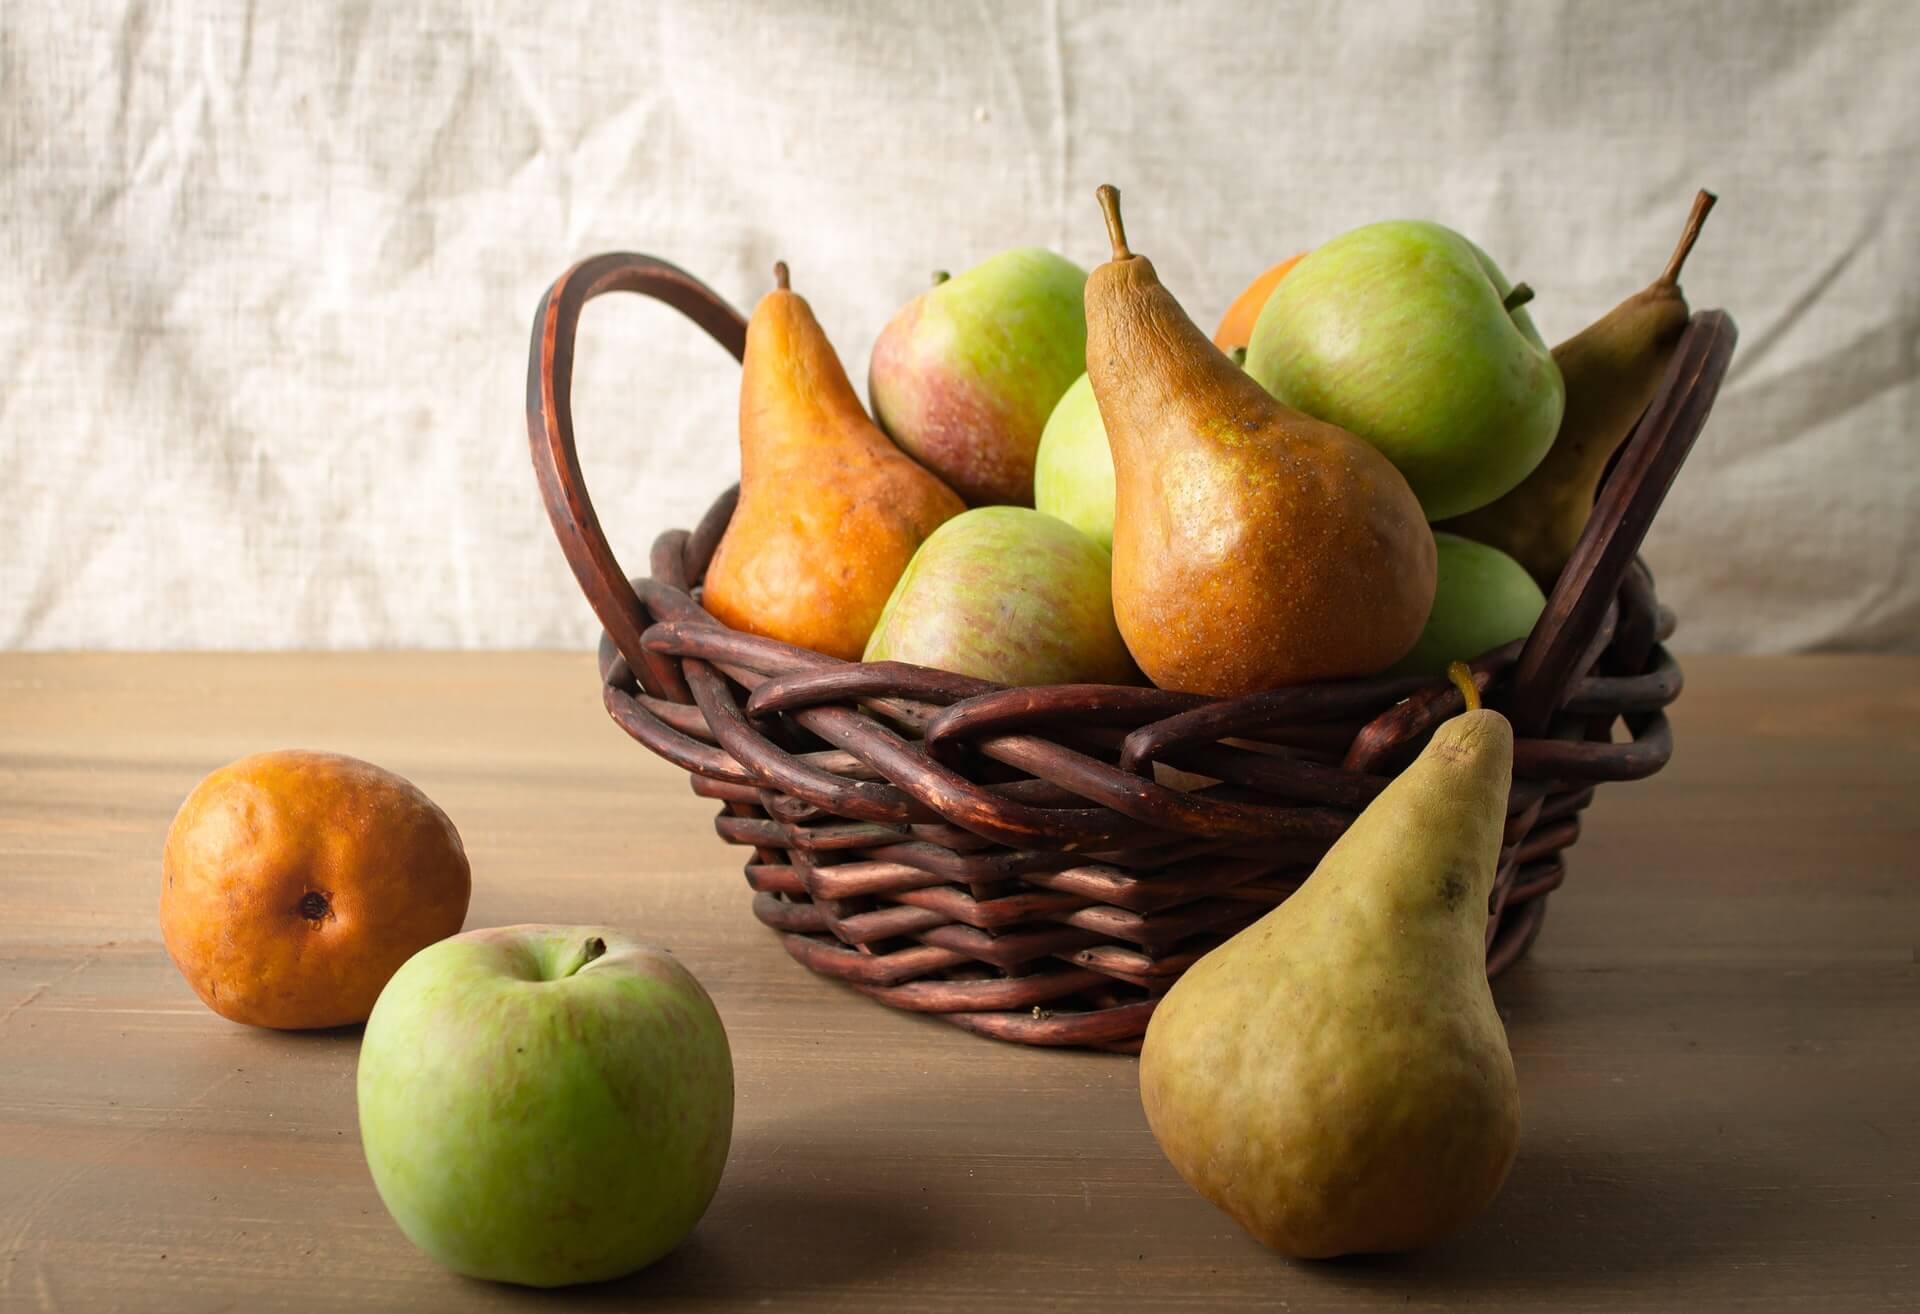 Cesta con peras, una de las frutas que ayudan a hidratar el cuerpo